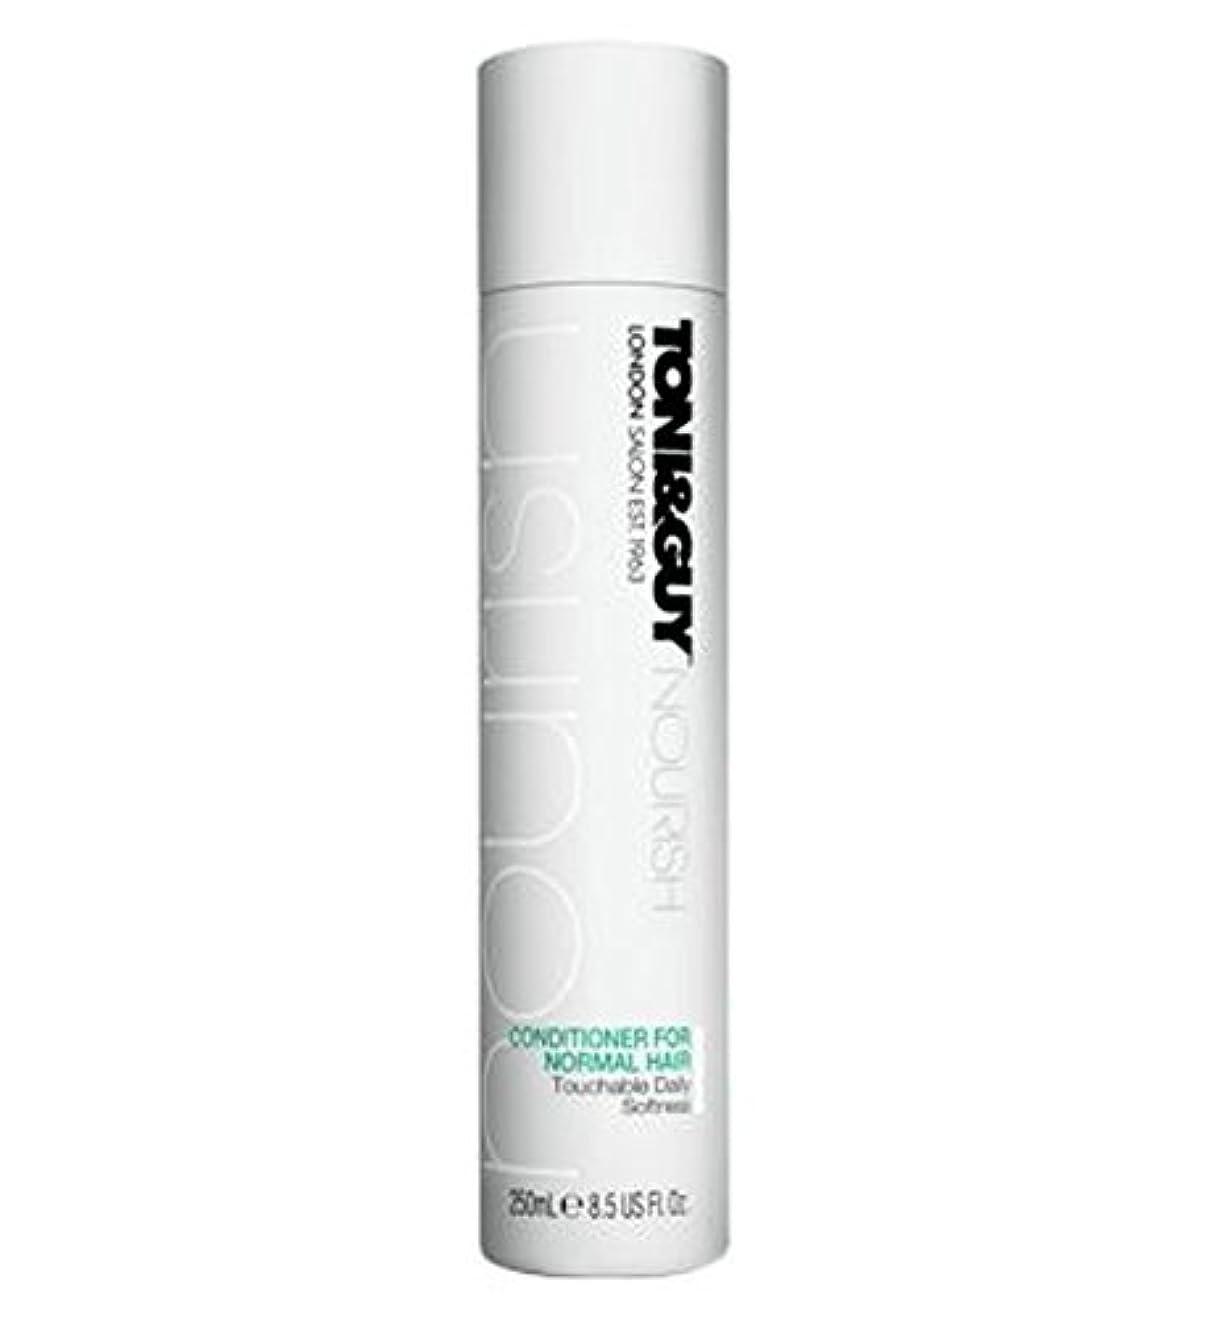 調停する銛かけるノーマルヘア250ミリリットルのためのトニ&男コンディショナー (Toni & Guy) (x2) - Toni&Guy Conditioner for Normal Hair 250ml (Pack of 2) [並行輸入品]